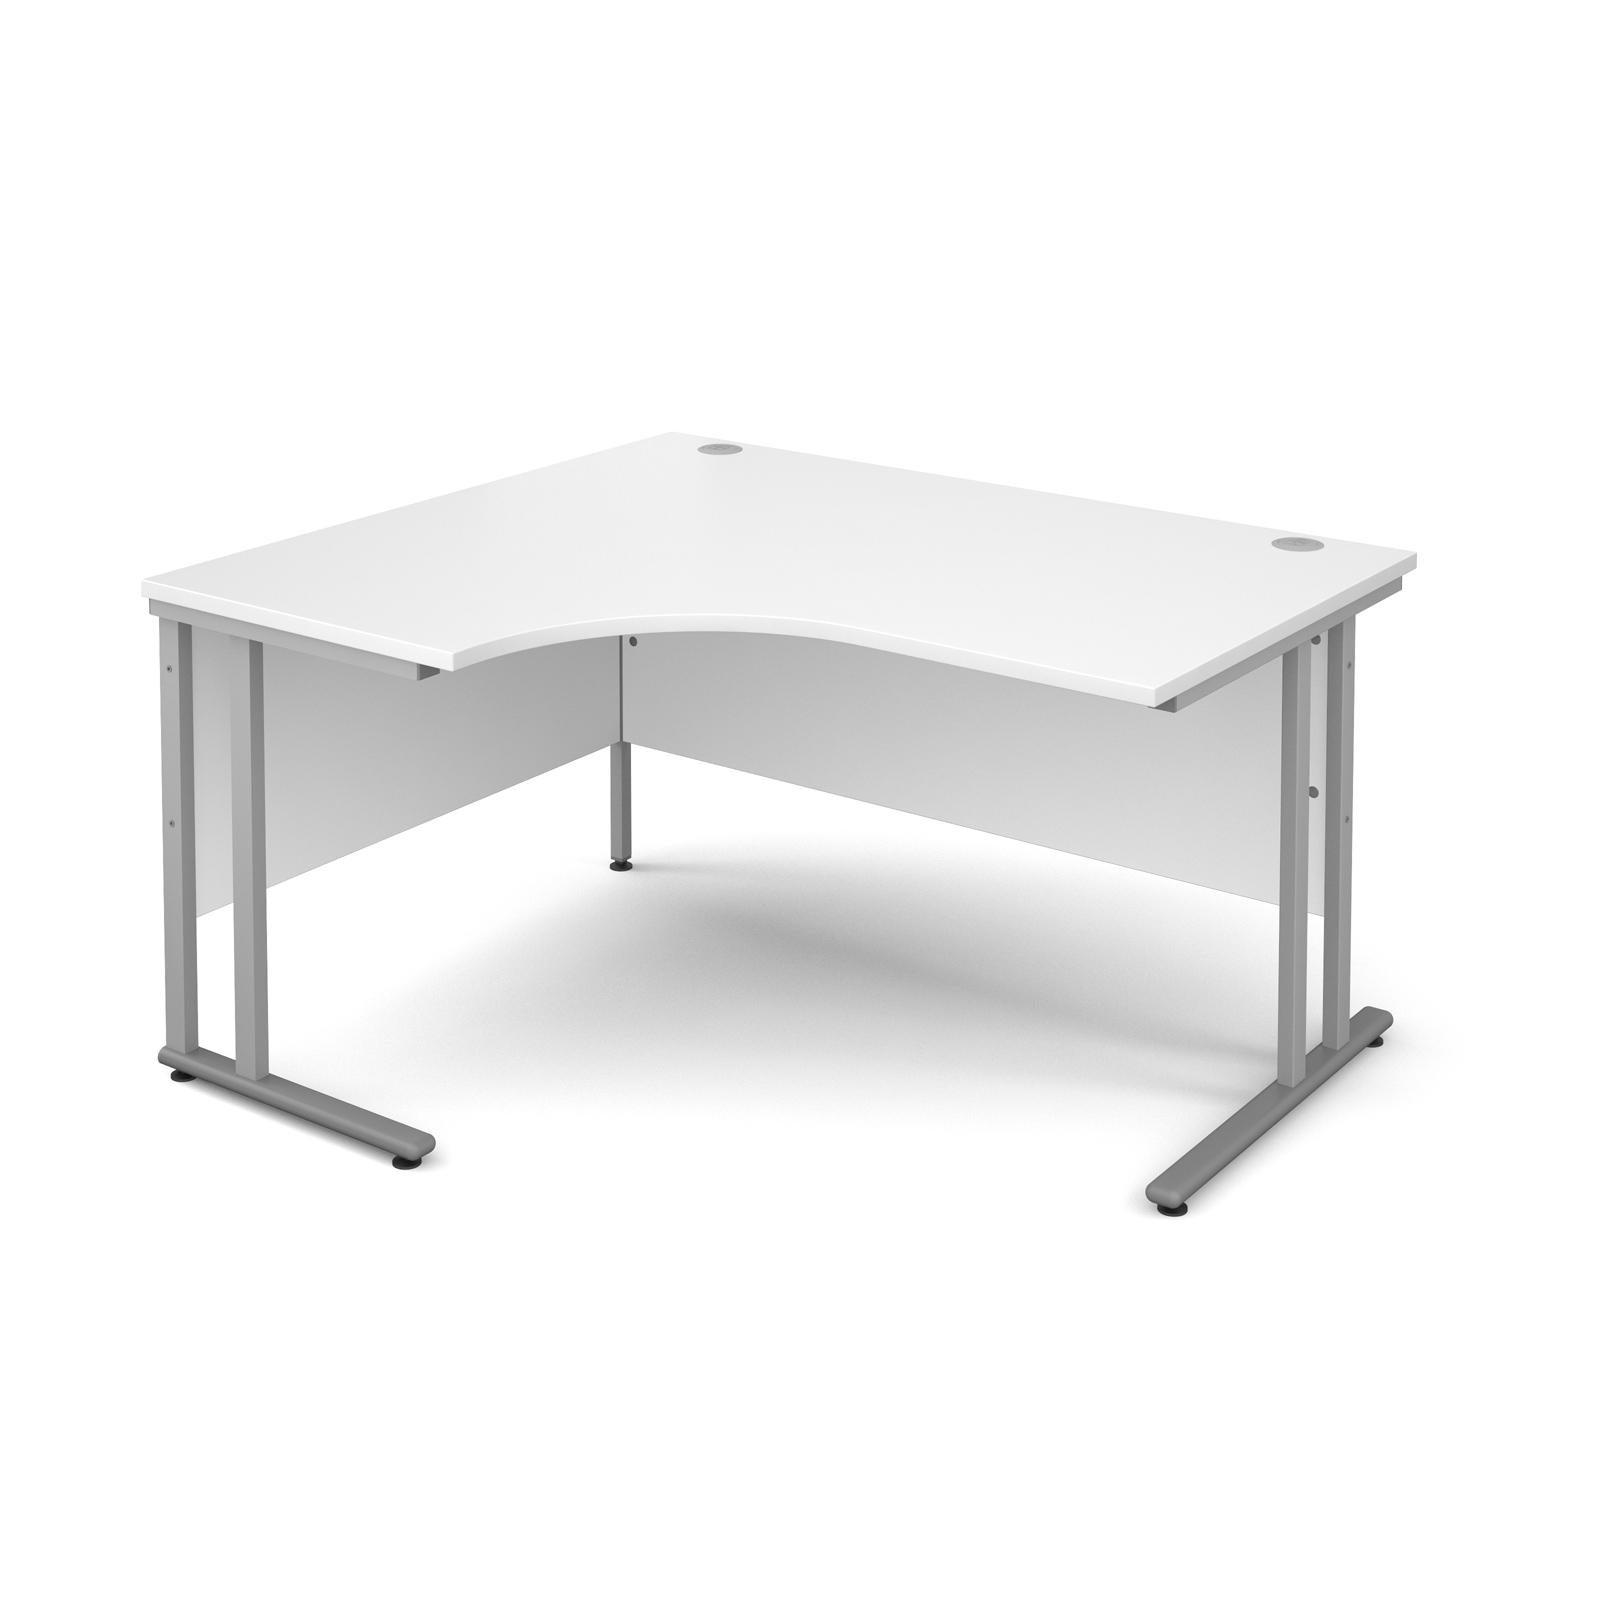 Maestro 25 SL left hand ergonomic desk 1400mm - silver cantilever frame, white top